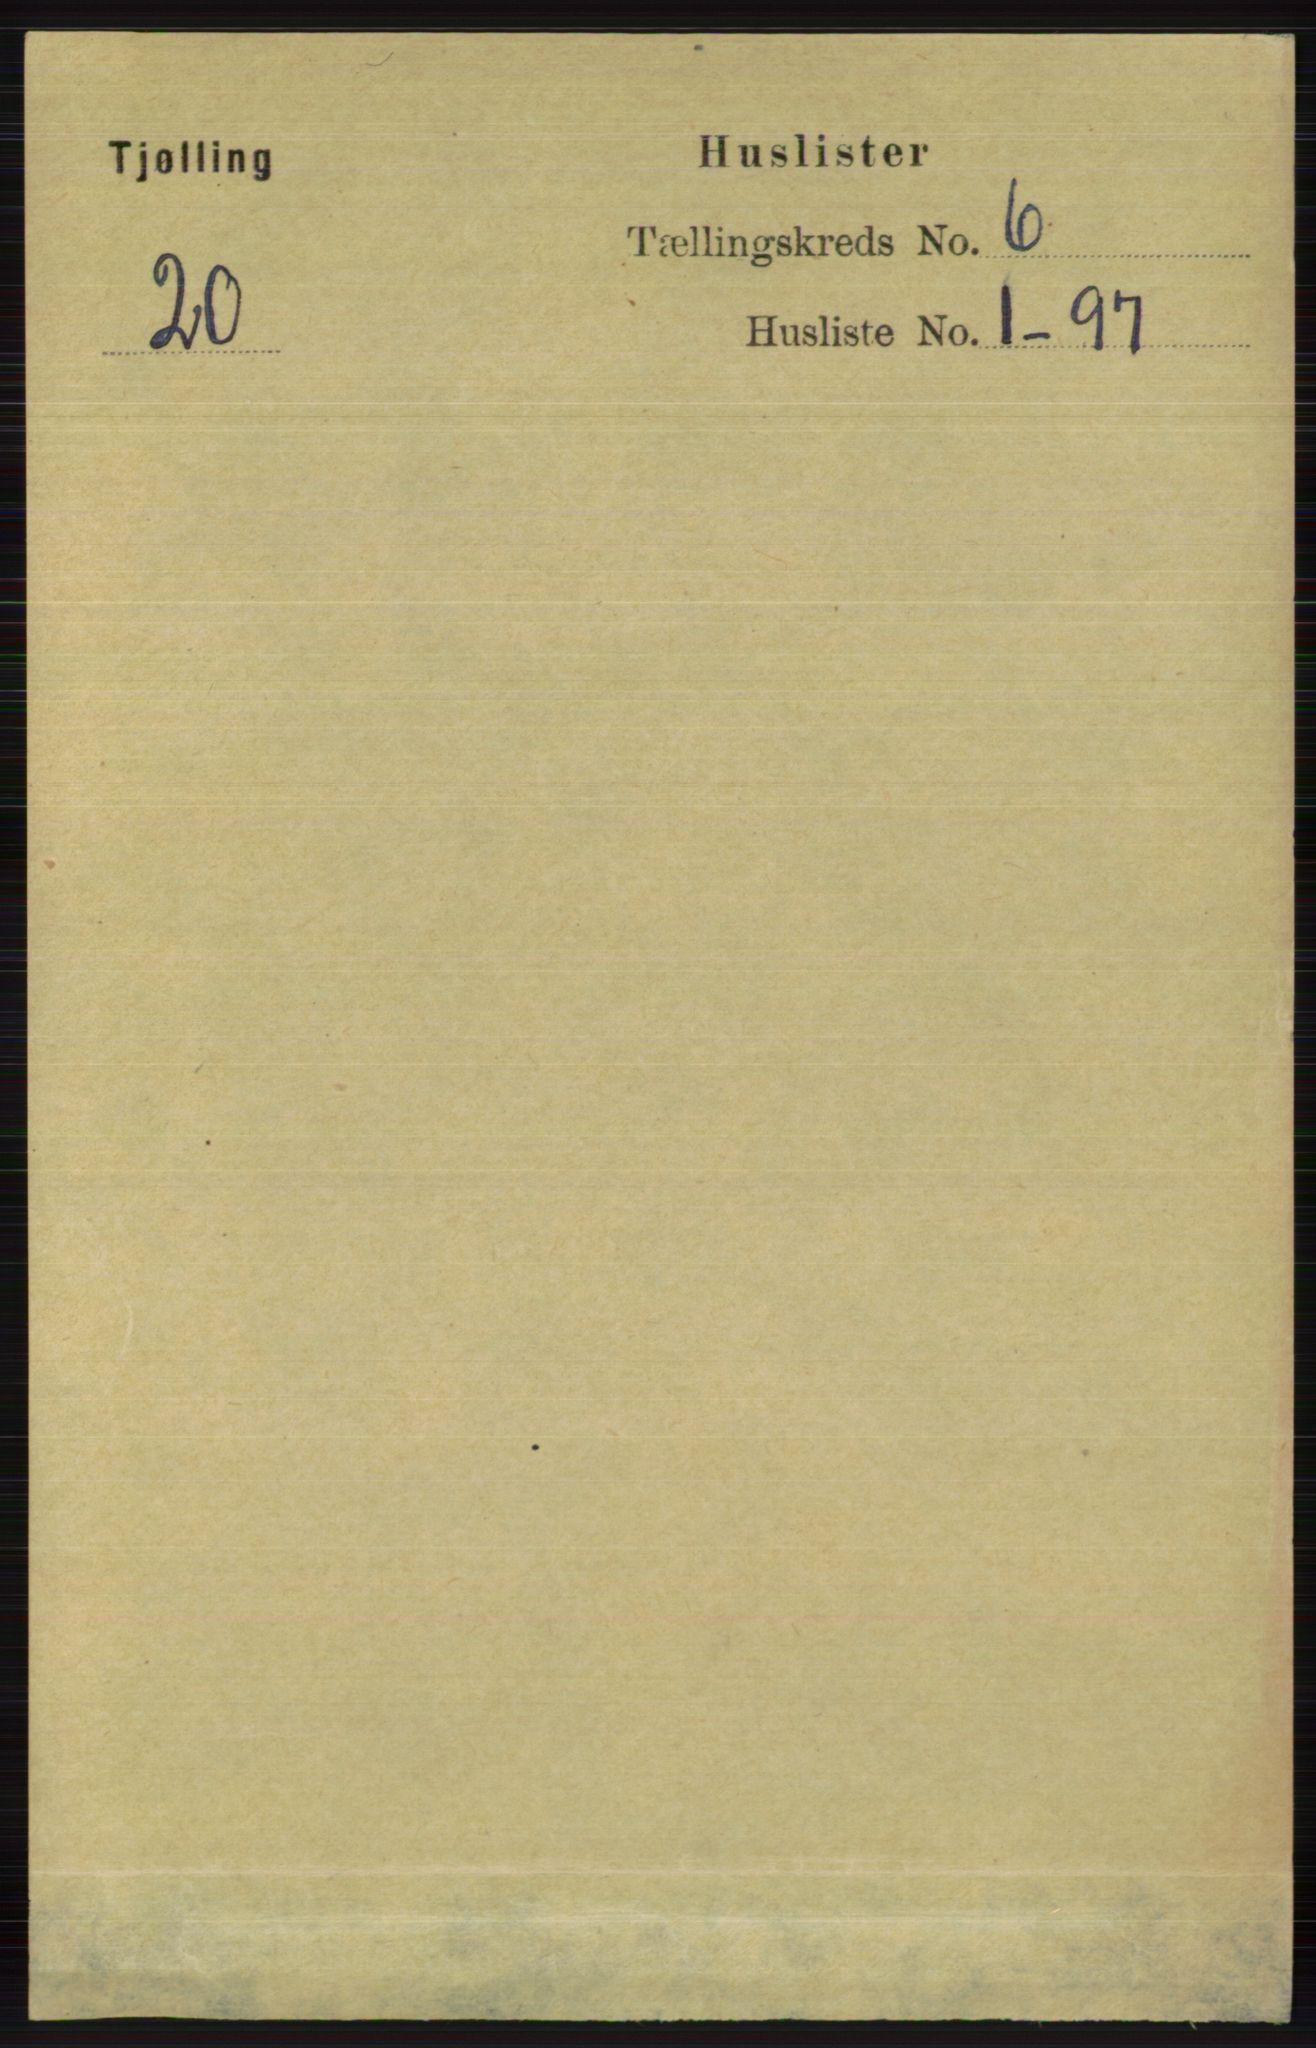 RA, Folketelling 1891 for 0725 Tjølling herred, 1891, s. 2800